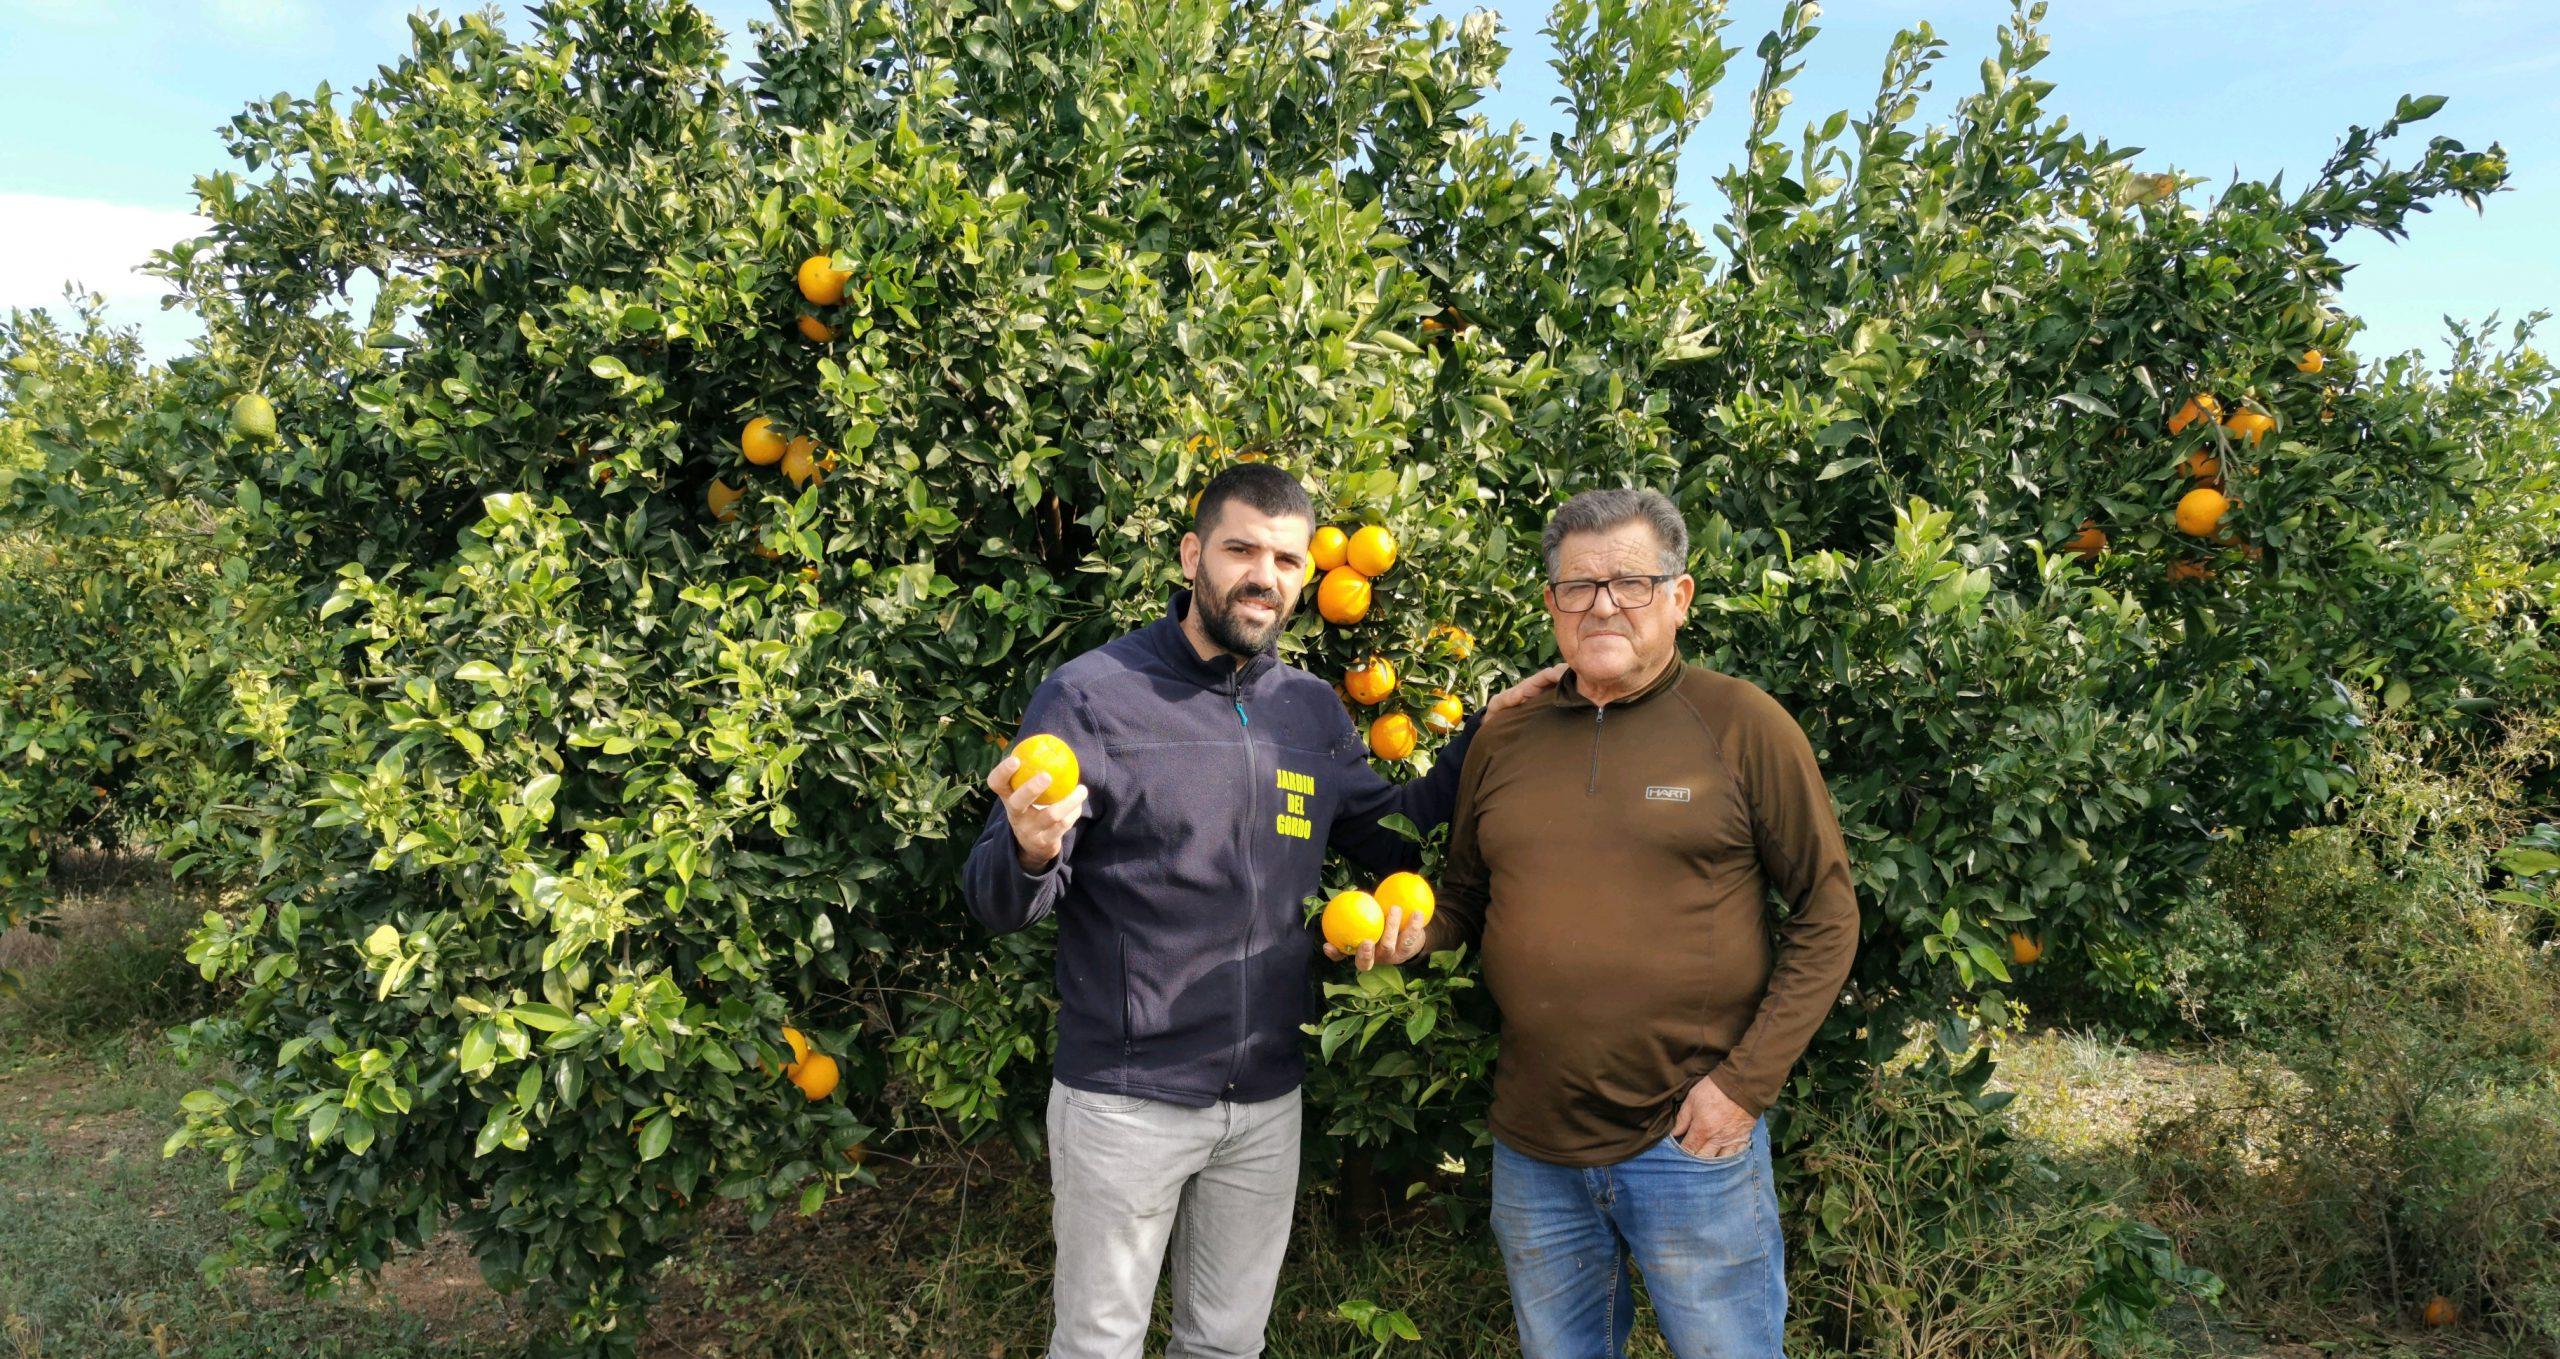 El agricultor, Sergio Muñoz, con su padre posando en frente de su campo de naranjos